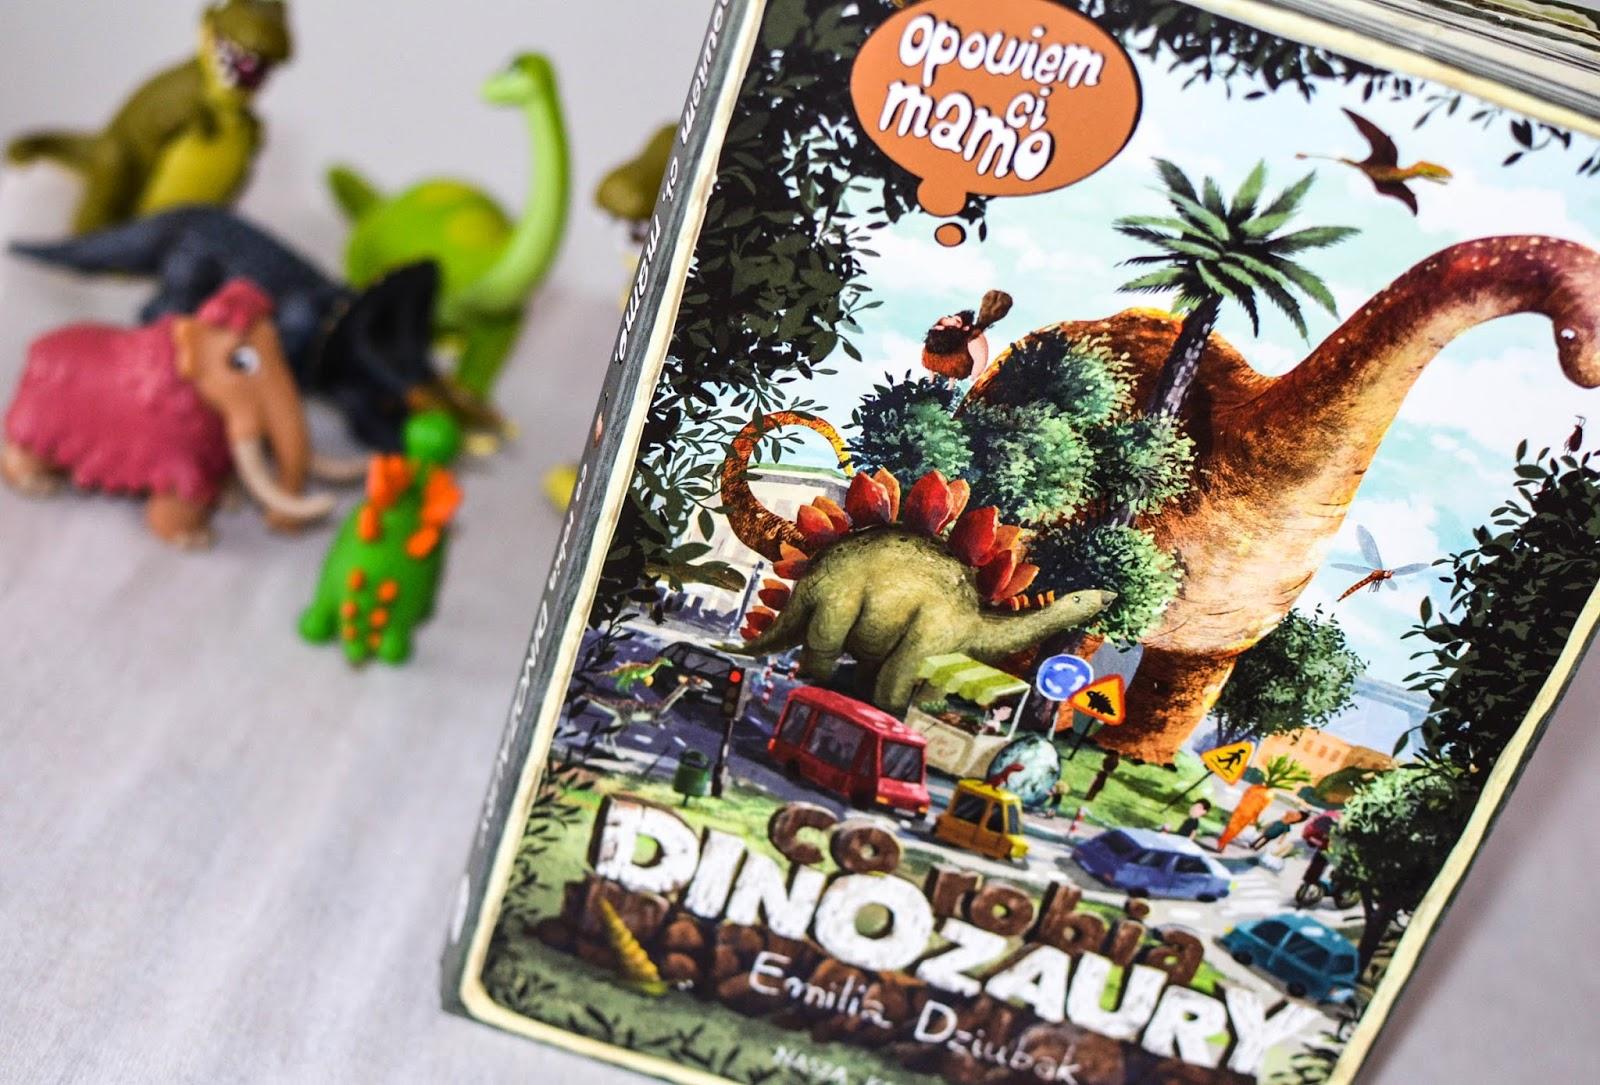 Nasza Księgarnia, książki dla przedszkolaka, książki kartonowe, Opowiem ci mamo, co robią dinozaury, seria opowiem ci mamo